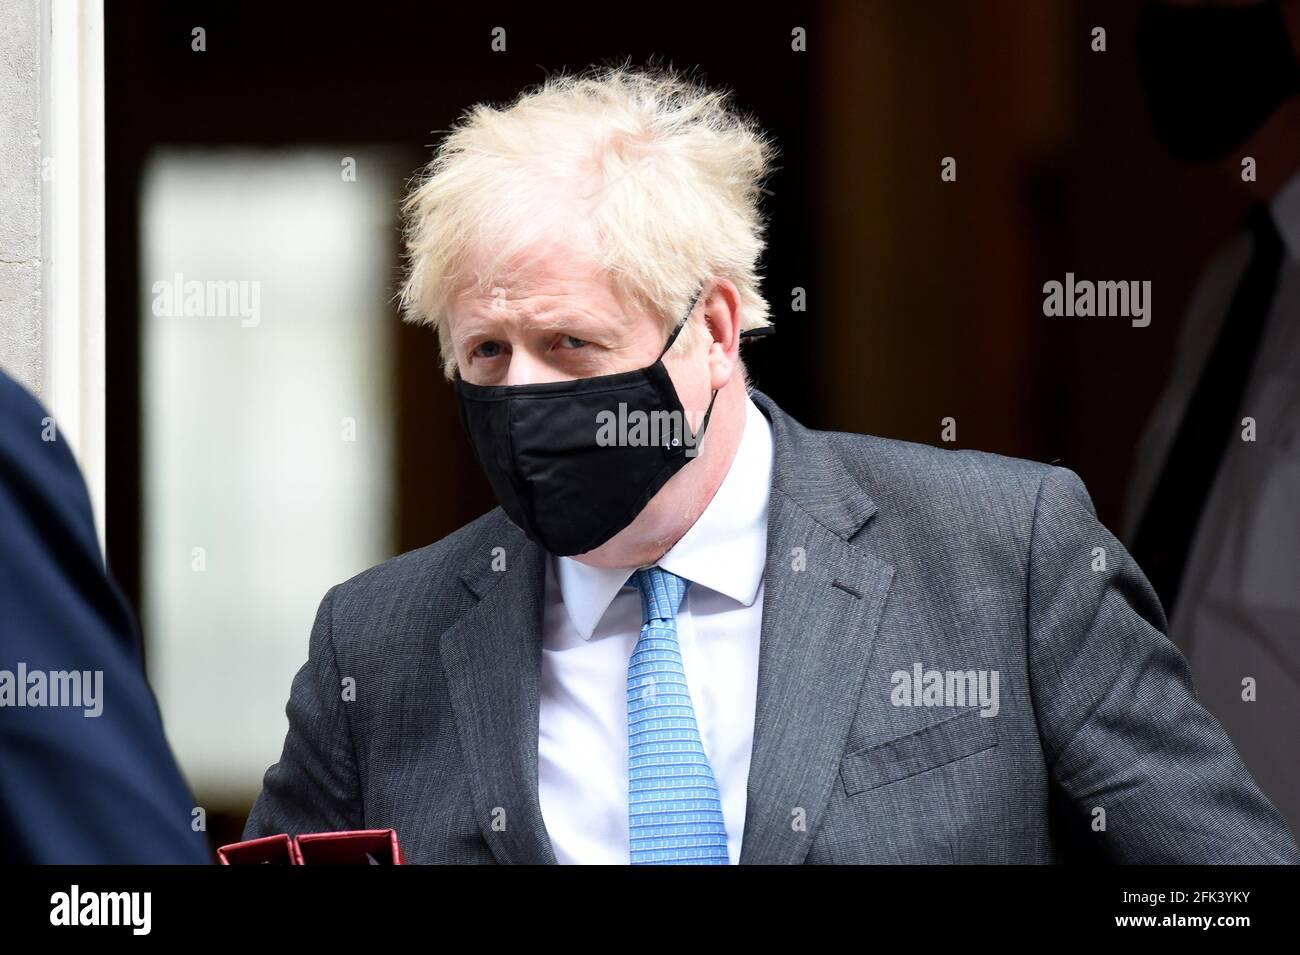 REINO UNIDO. 28th de Abr de 2021. Downing Street Londres 28th de abril de 2021.El Primer Ministro Boris Johnson deja No10 dirigiéndose a Westminster para sus preguntas semanales de los Primeros Ministros Crédito: MARTIN DALTON/Alamy Live News Foto de stock